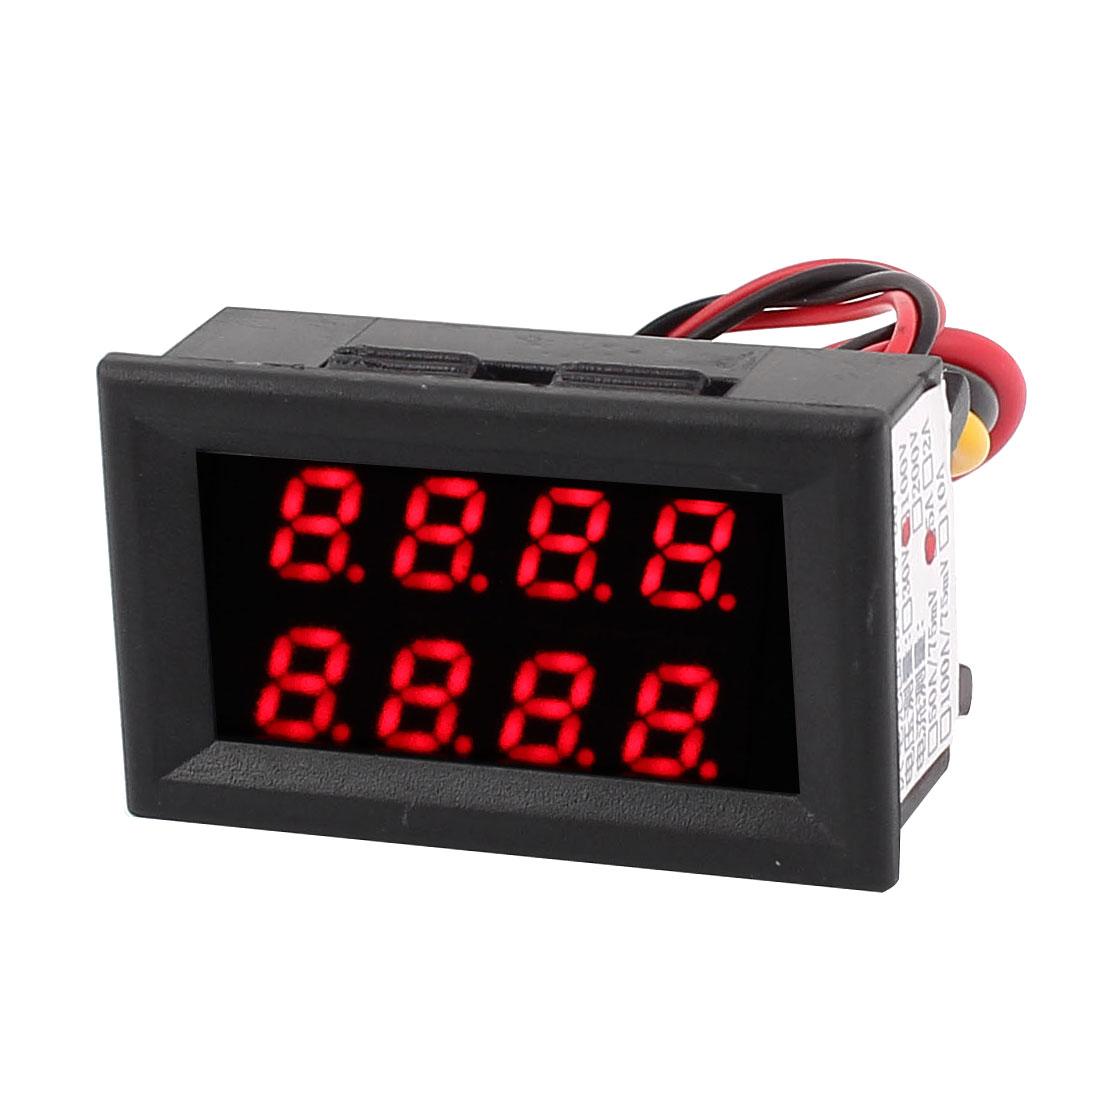 DC 0-100V 0-5A Red Red LED Dual Digital Panel Voltmeter Ammeter Meter Gauge